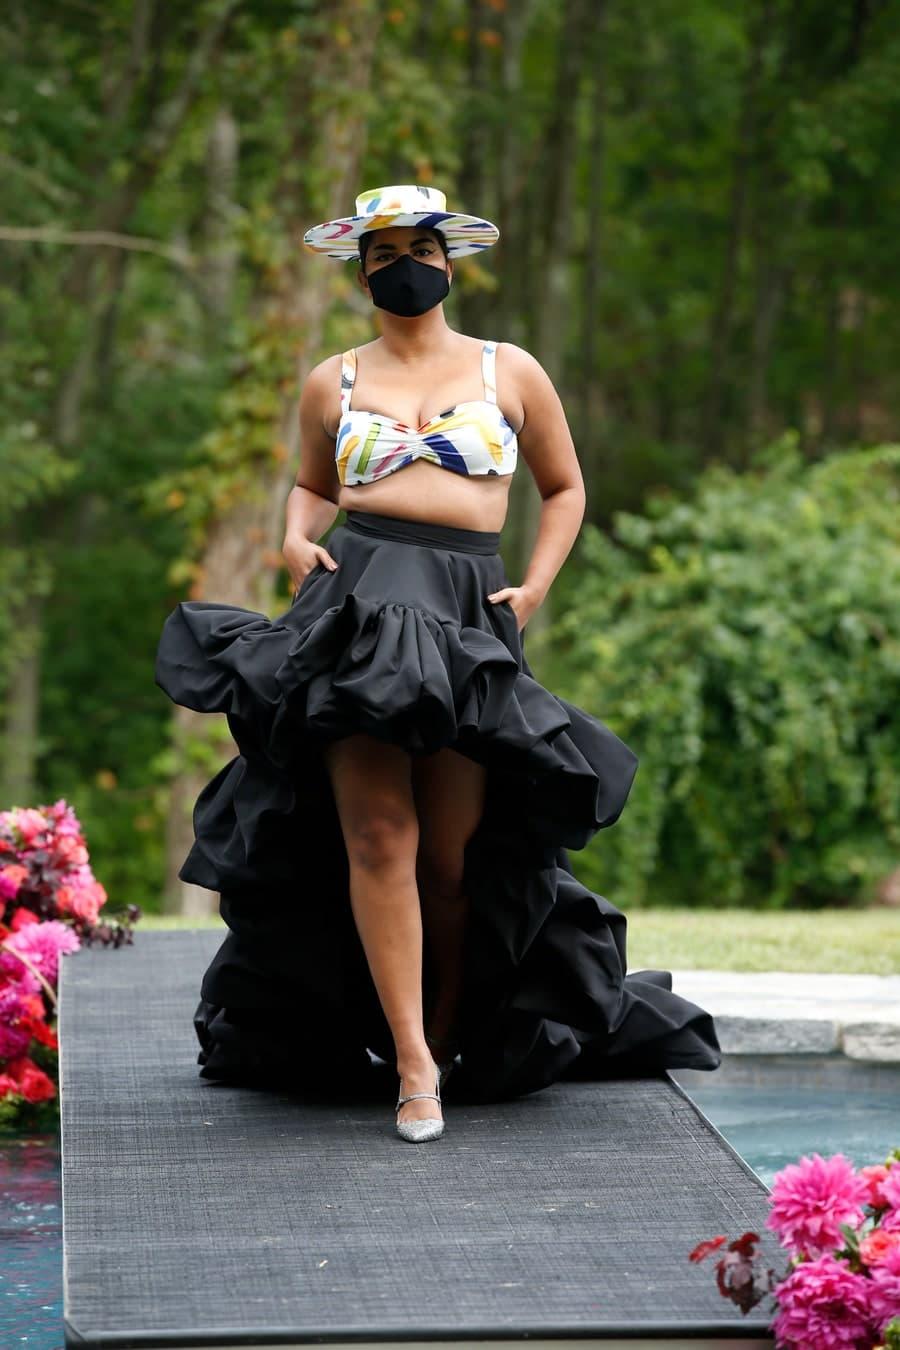 Theo một thống kê của Dazed, số lượng người mẫu ngoại cỡ trình diễn trong mùa Xuân Hè 2020 là khoảng 86, nhưng đến mùa Thu Đông giảm chỉ còn một nửa do ảnh hưởng từ dịch nên nhiều sự kiện thời trang bị hoãn. Nhưng nhìn chung người mẫu ngoại cỡ đã tạo nên sự thay đổi diện mạo đáng kể cho ngành thời trang, tiếp tục cổ vũ sự tự tin của phụ nữ.